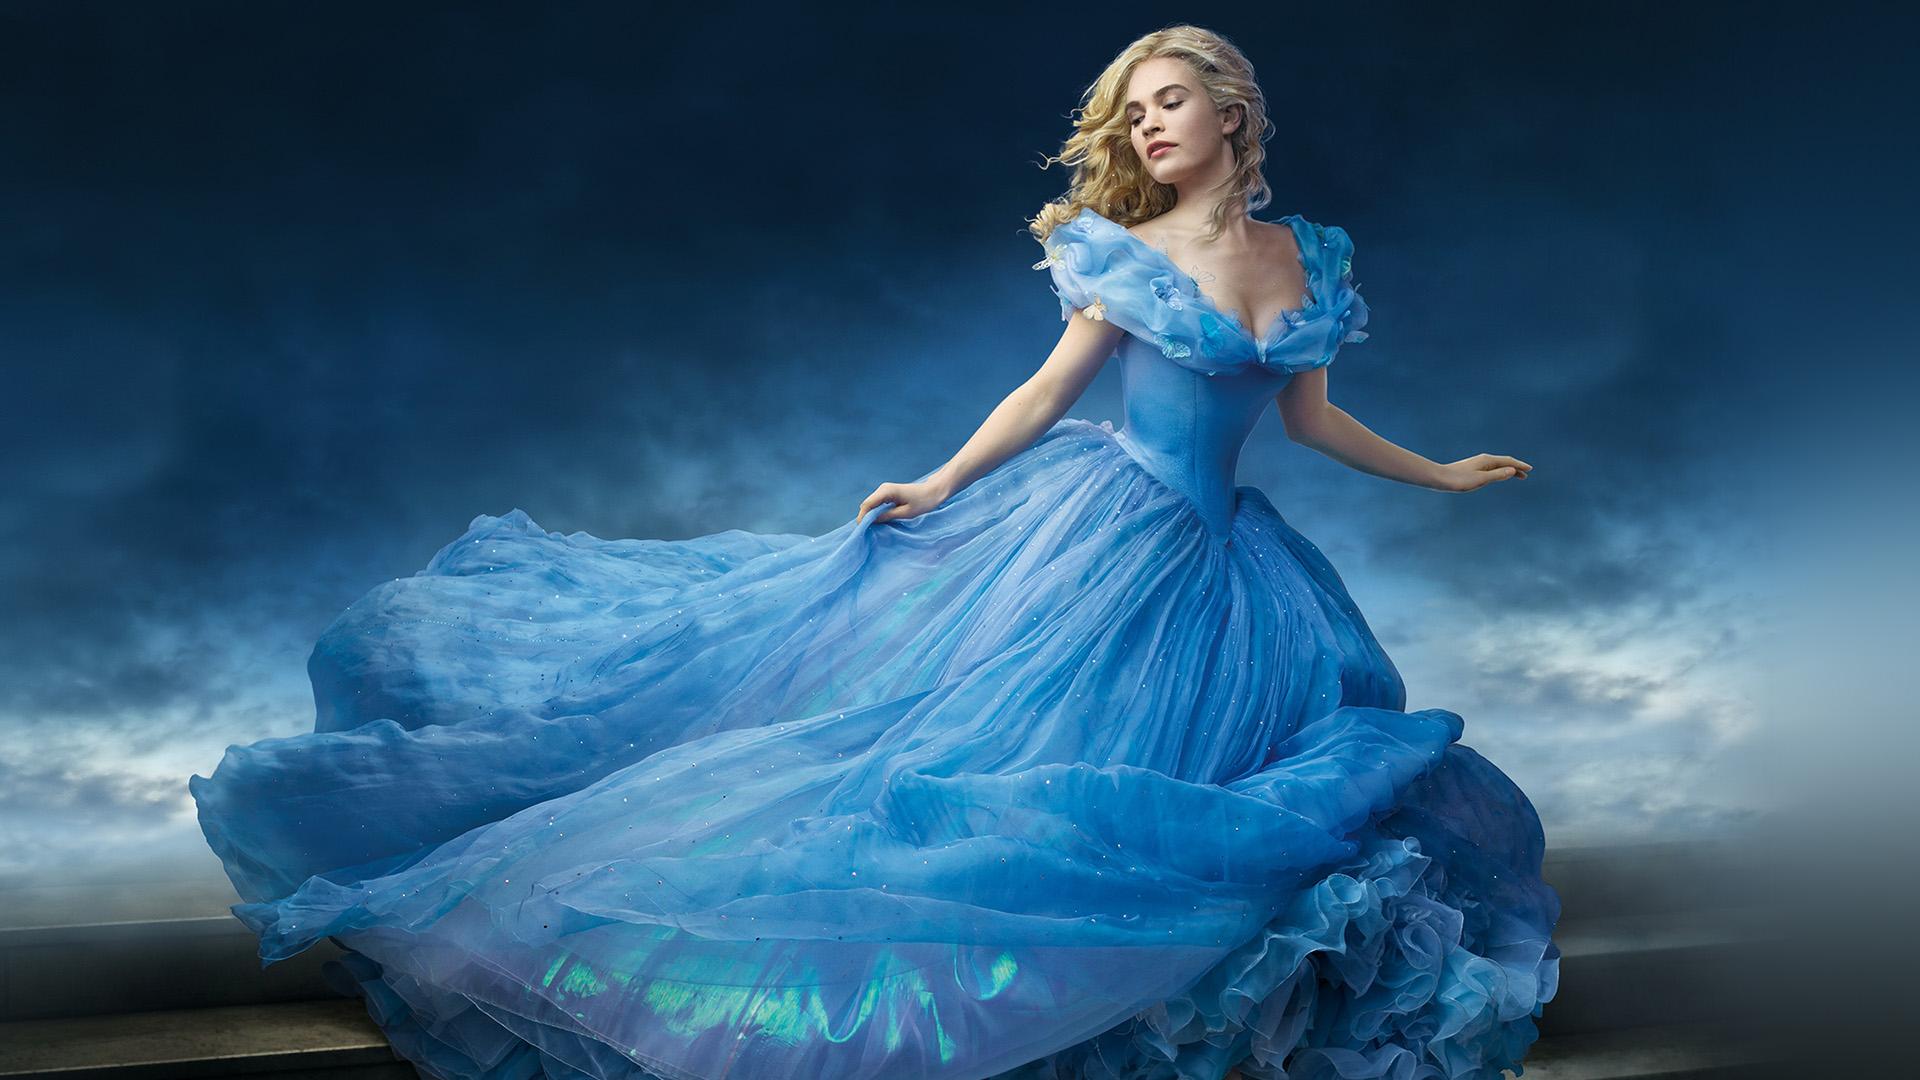 Hi57 Cinderella Dress Blue Art Wallpaper